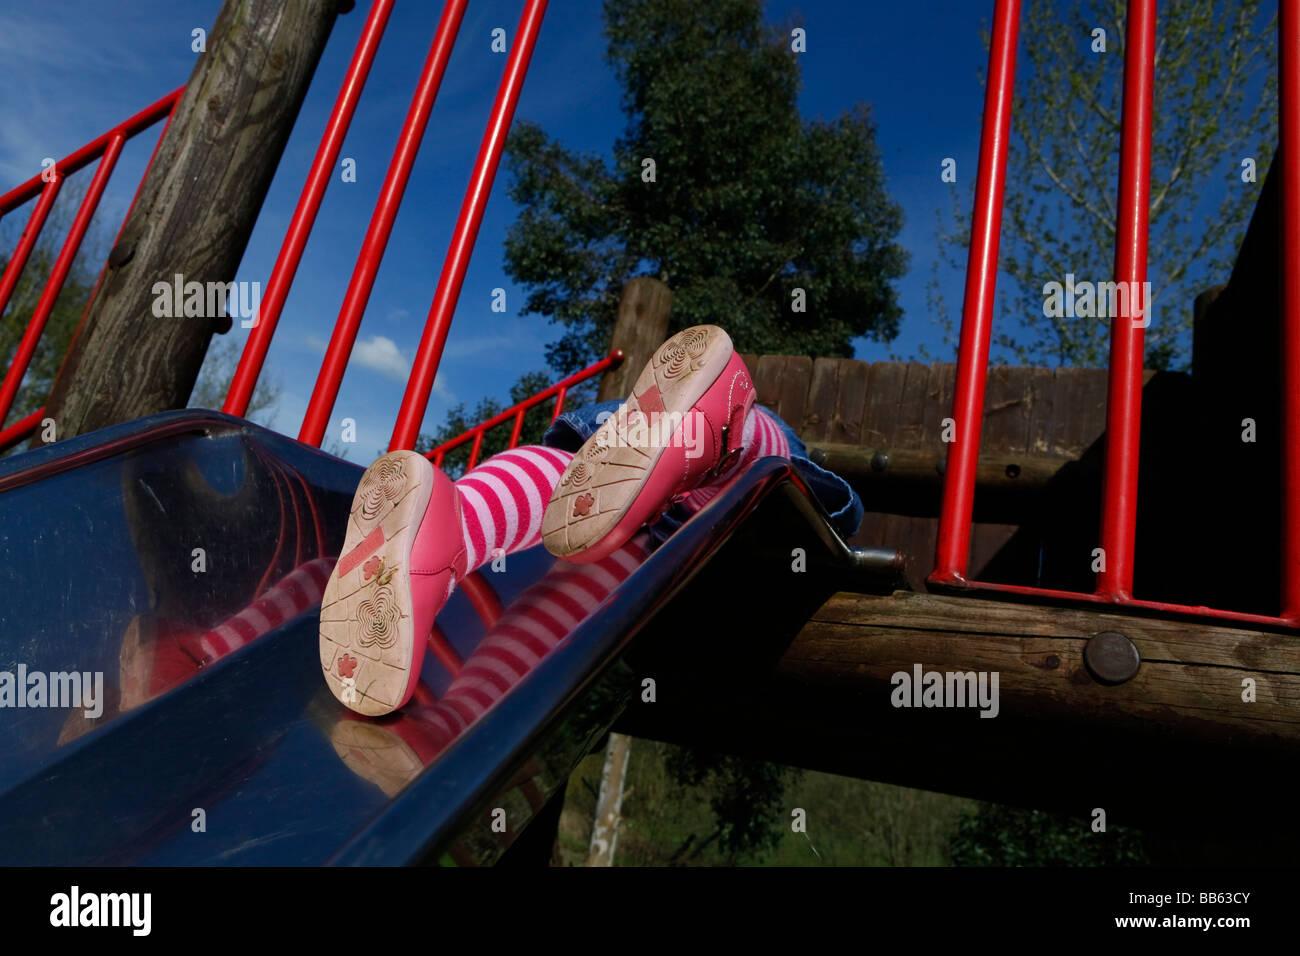 Pies de las niñas que aparecen en la parte superior de la diapositiva en el parque en un día soleado. Imagen De Stock